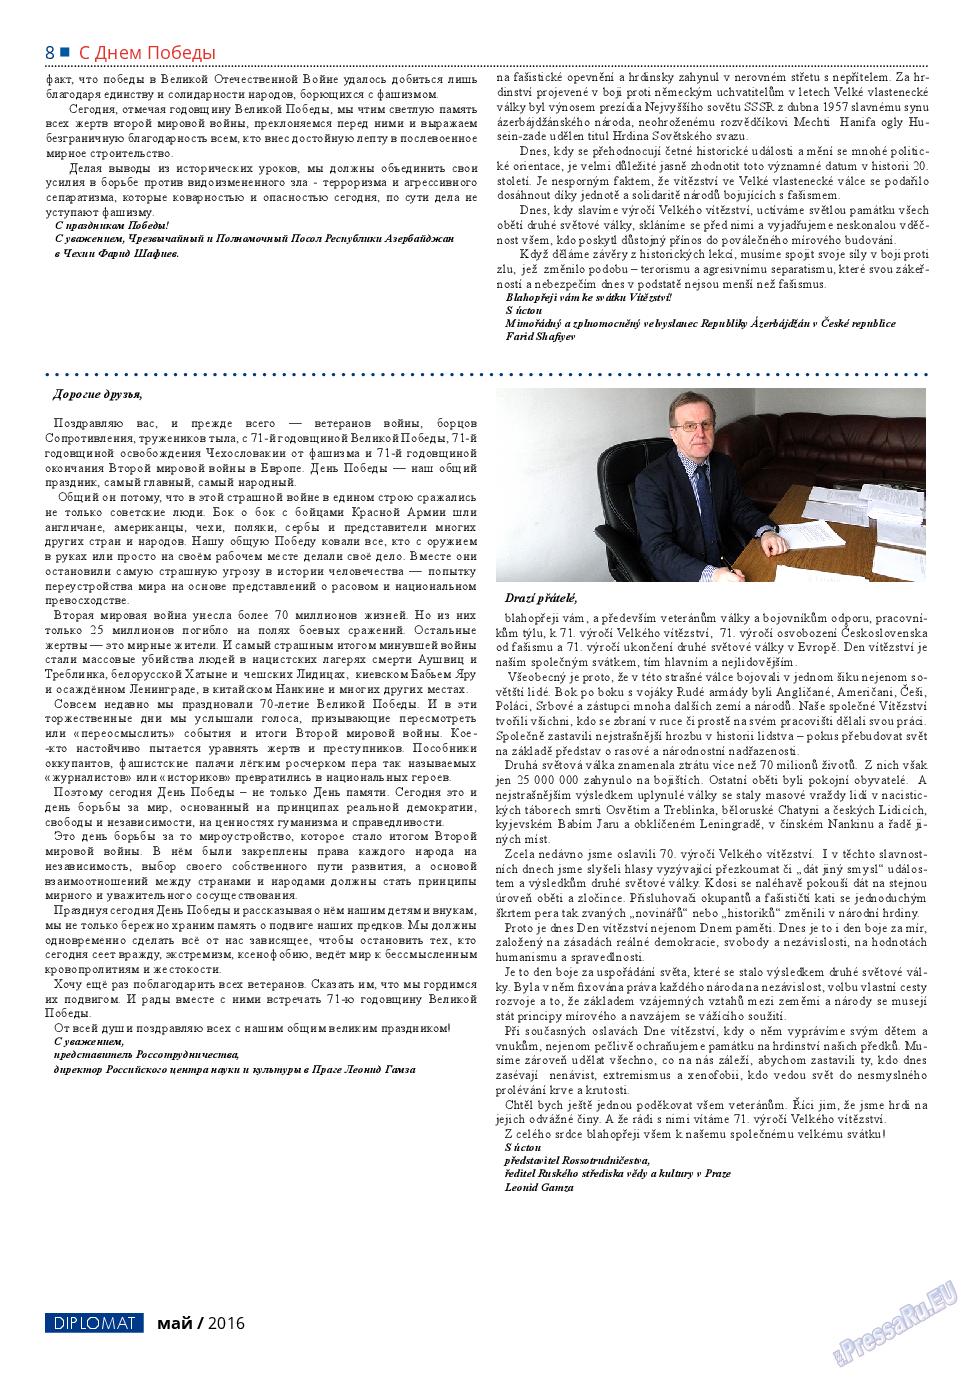 Diplomat (газета). 2016 год, номер 80, стр. 8